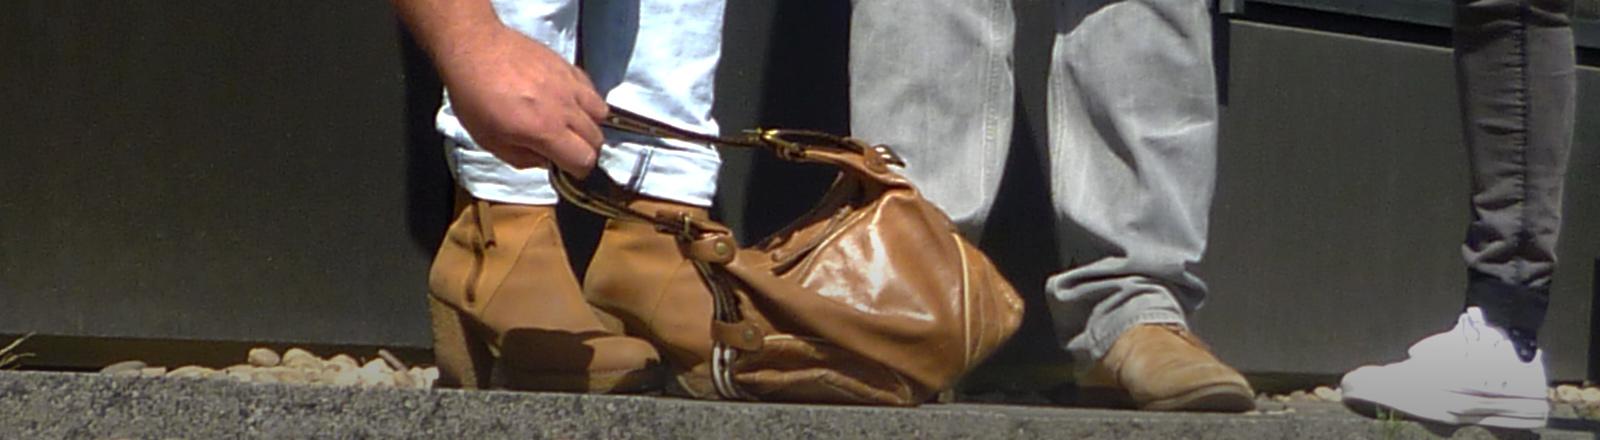 Jemand entwendet eine Handtasche.